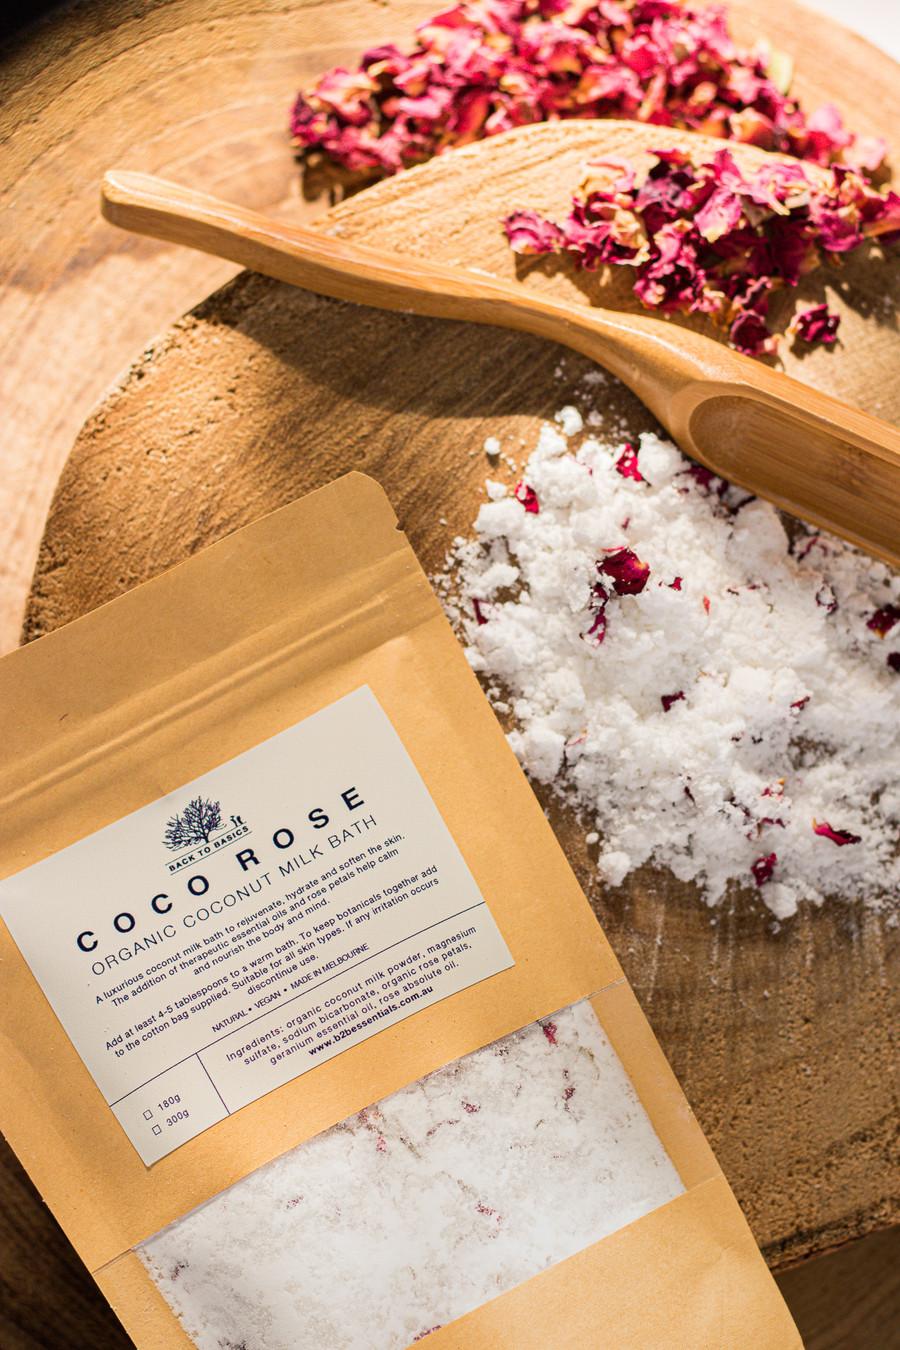 B2B Organic Coco Rose Milk Bath